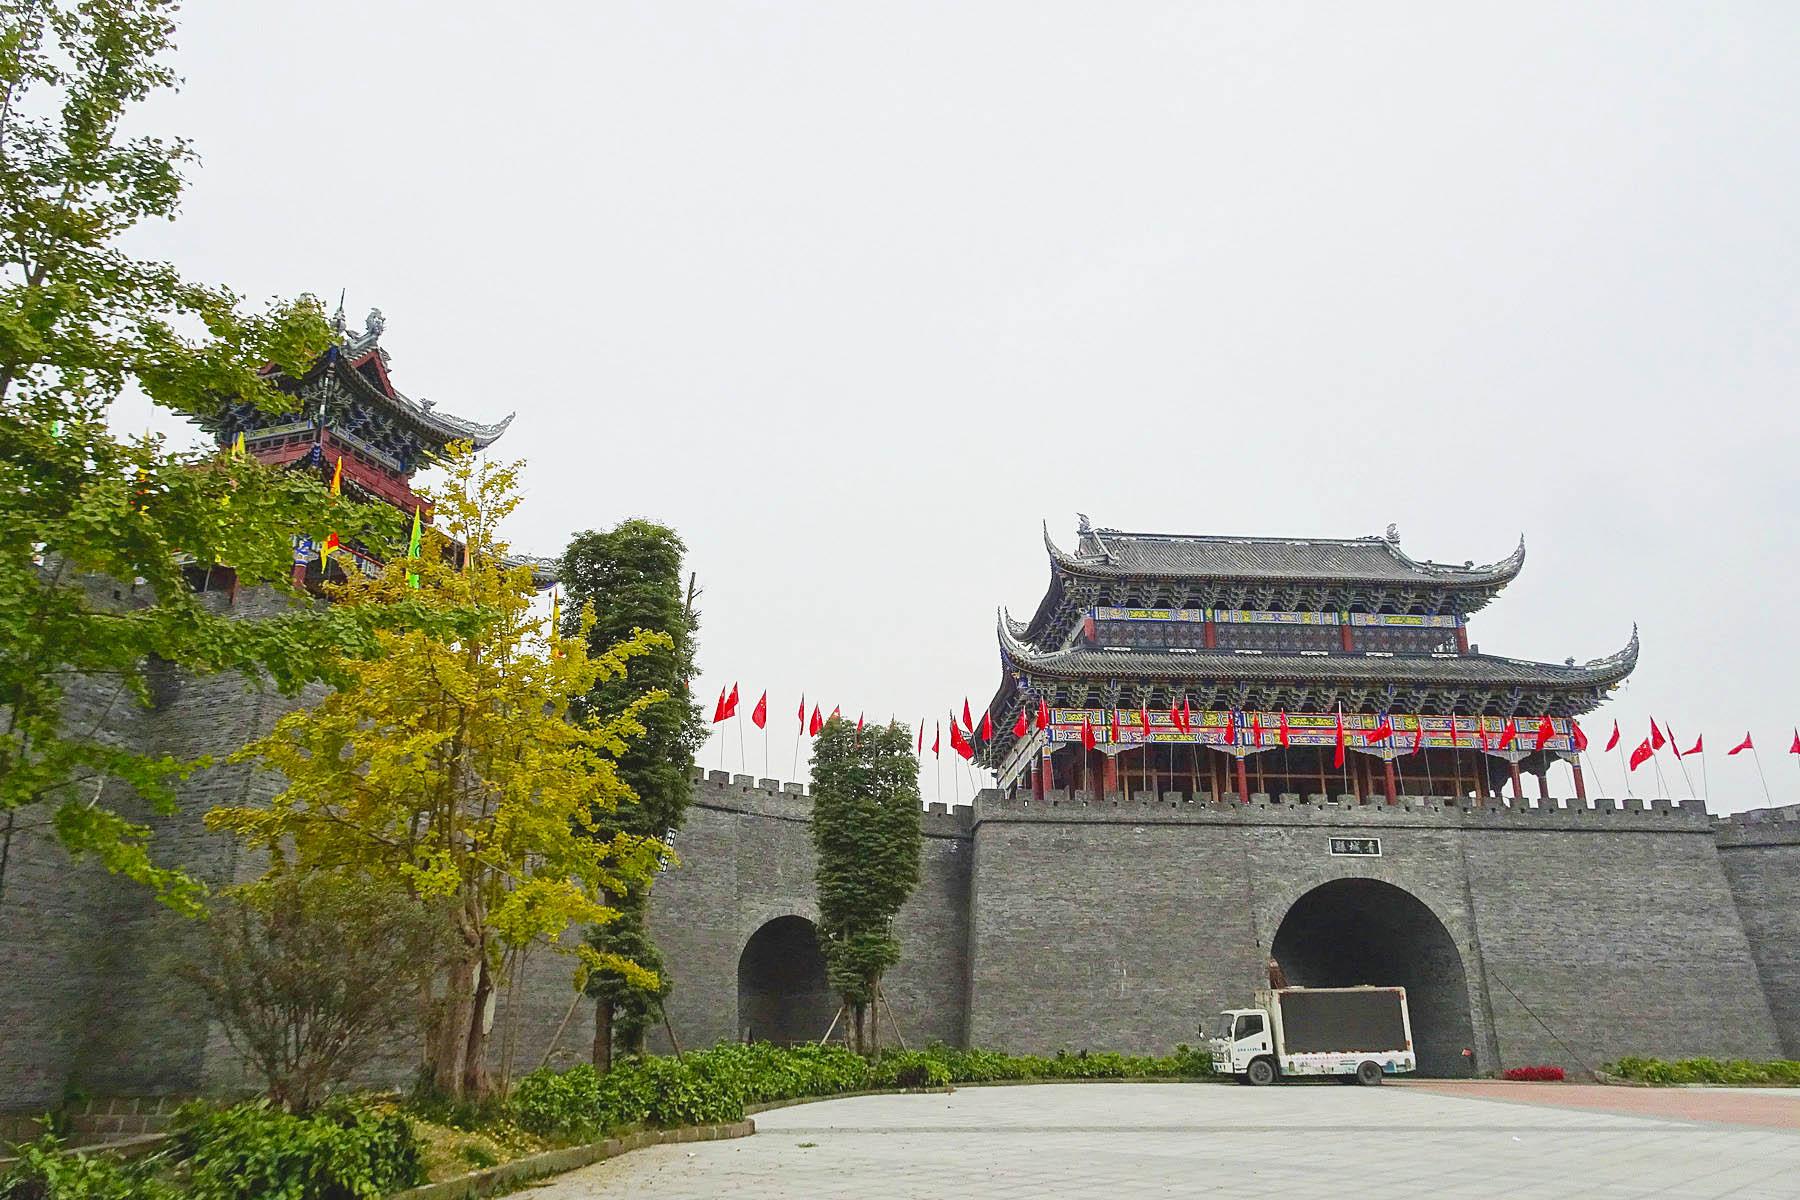 #今日立冬#带你去看看青城县